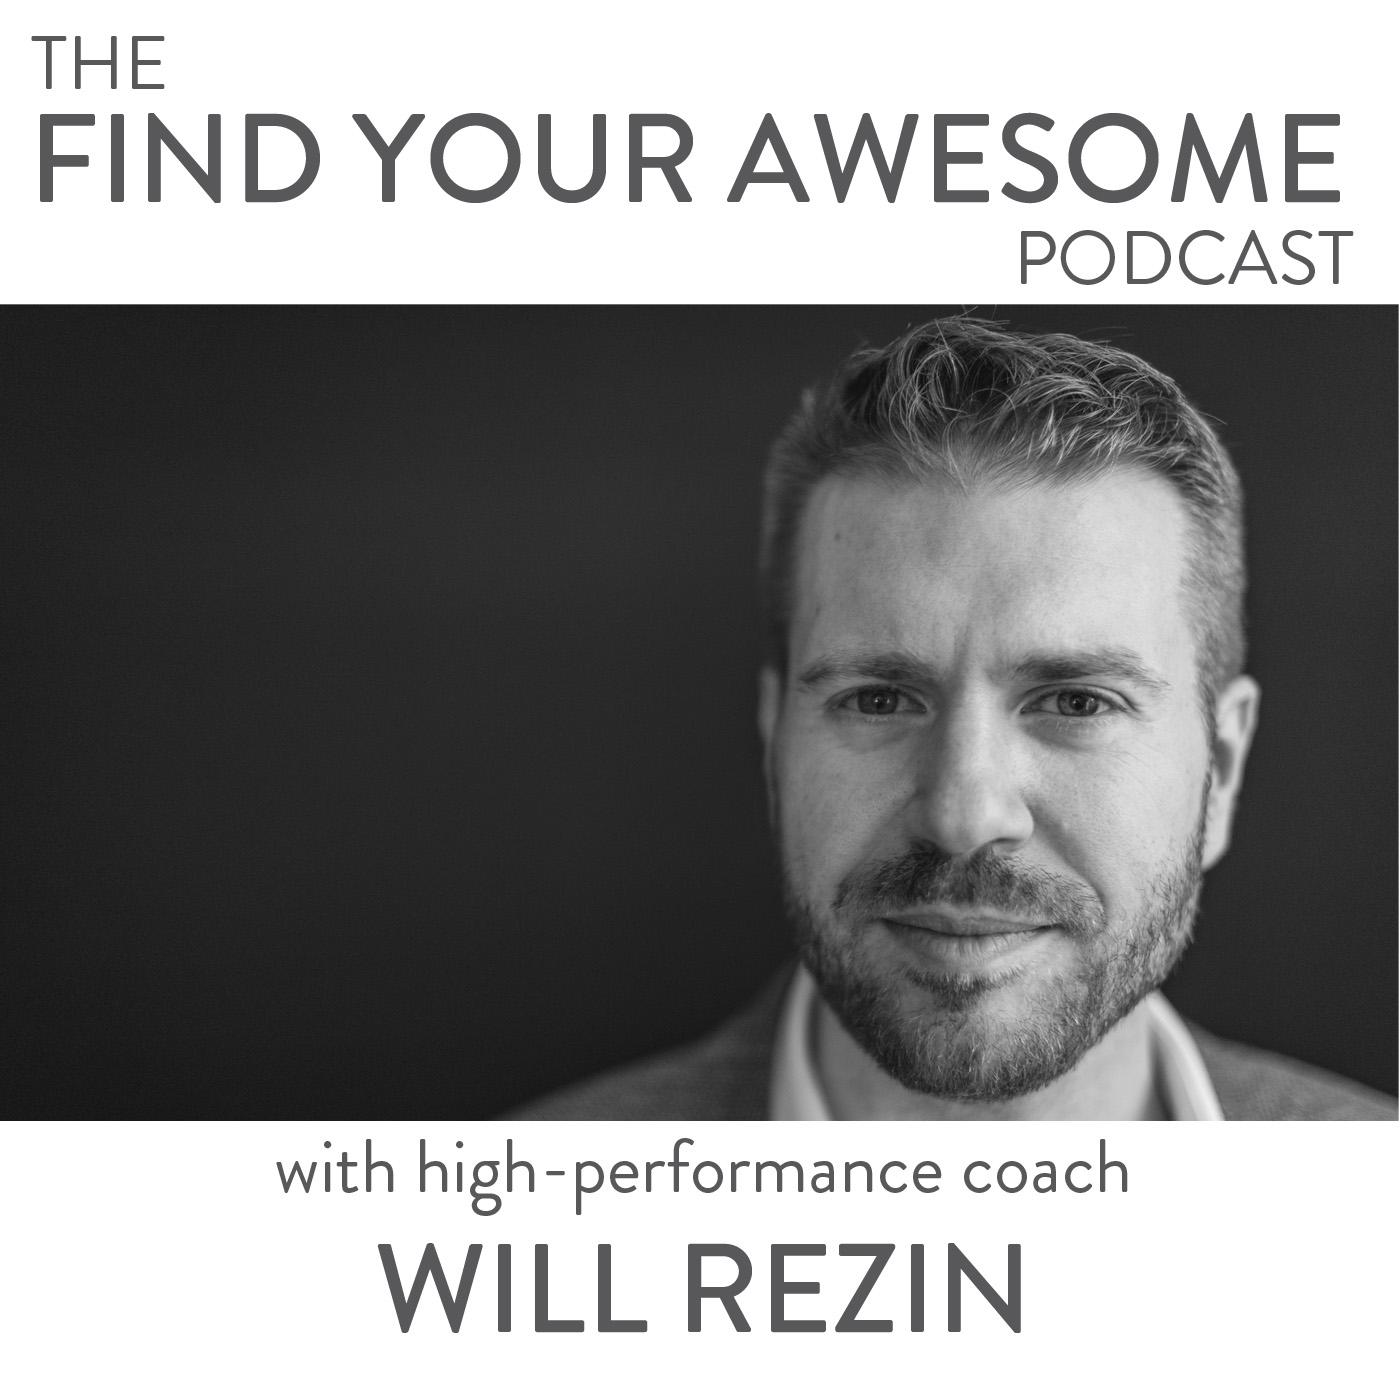 WillRezin_podcast_coverart.jpg